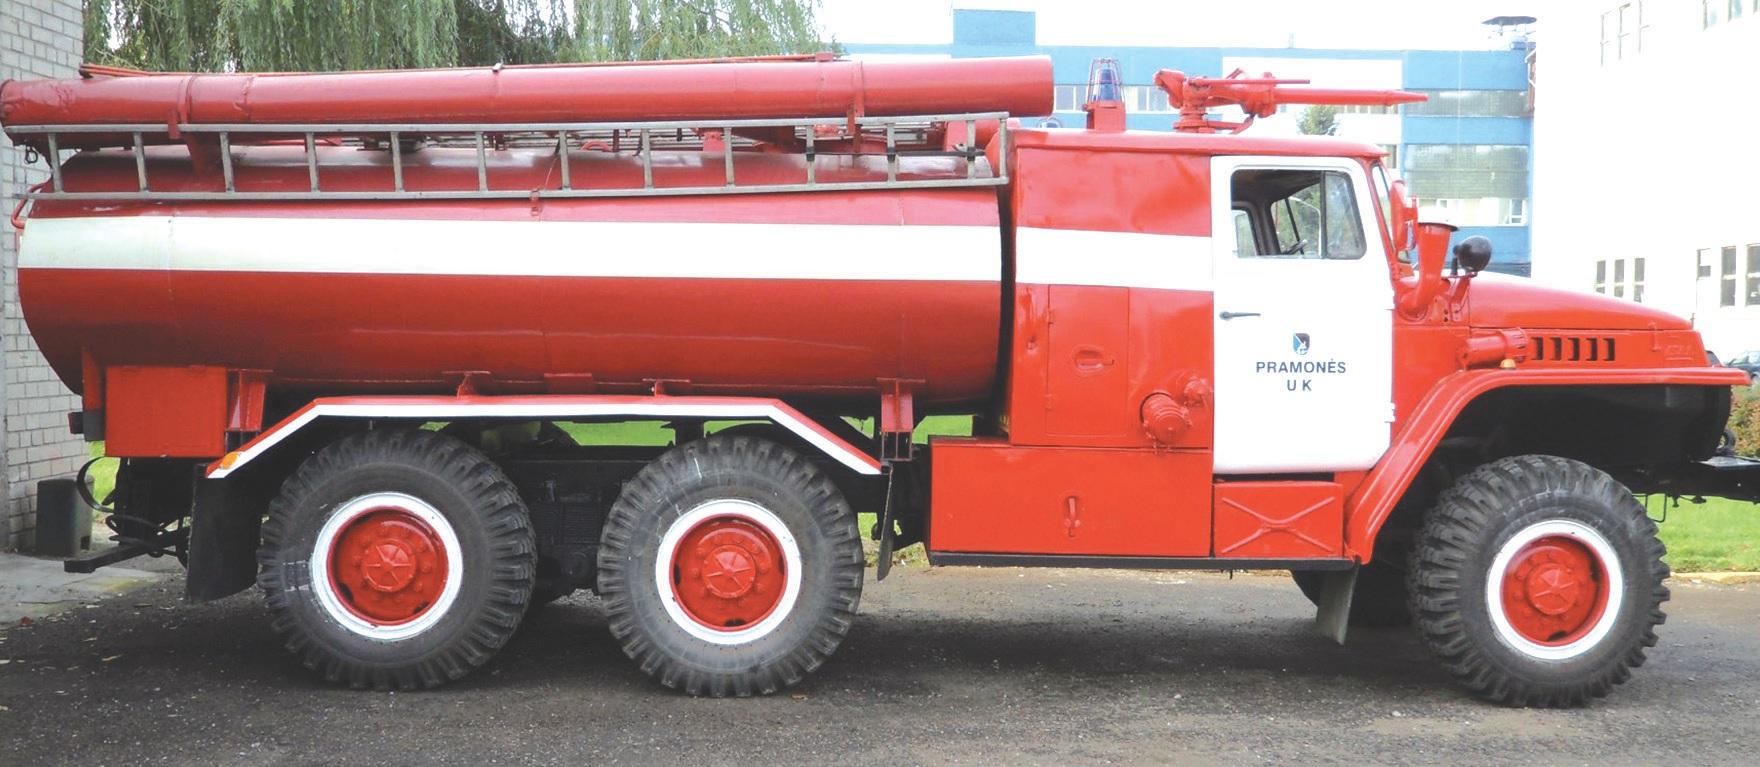 Tik dėl darbuotojų pastangų šie seni ugniagesių automobiliai yra vis dar prižiūrimi, remontuojami ir eksploatuojami.